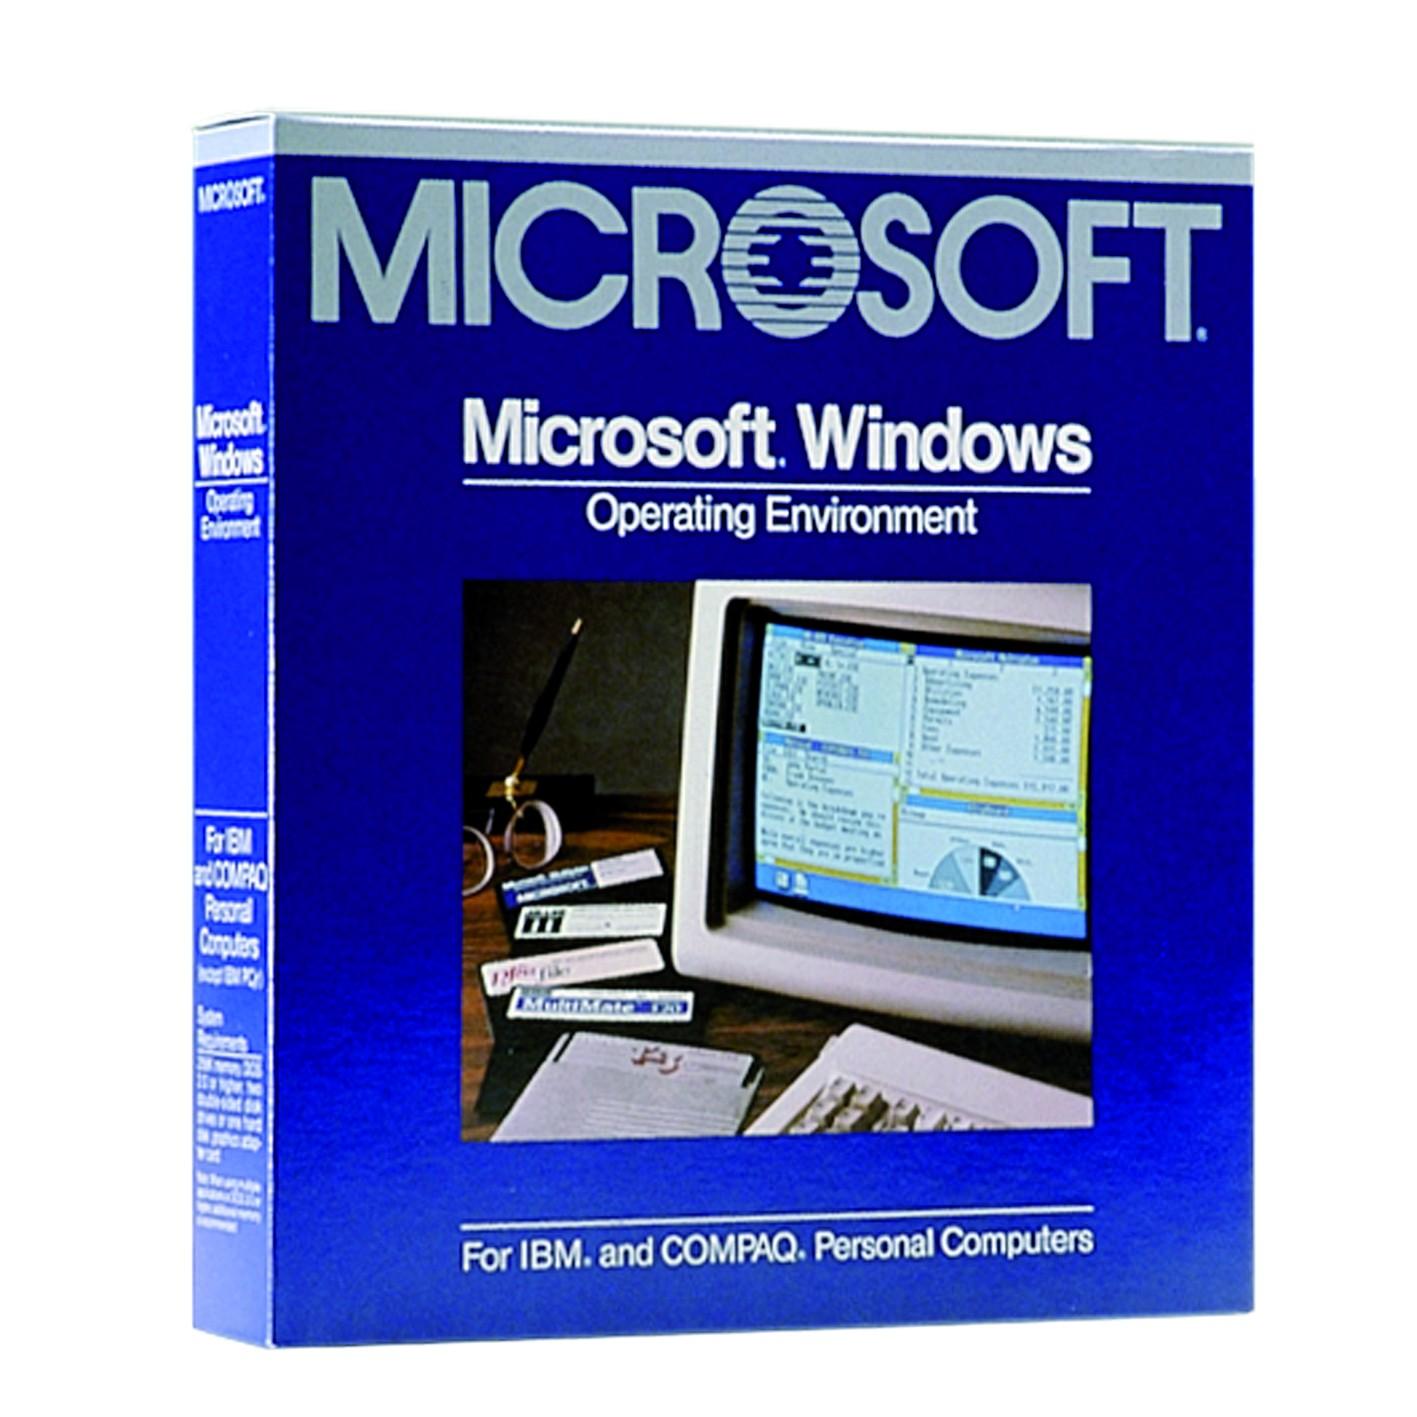 Windows 1: kein eigenes Betriebssystem, sondern eine Benutzeroberfläche für DOS. Die namensgebenden Fenster waren noch nicht überlappend platzierbar.